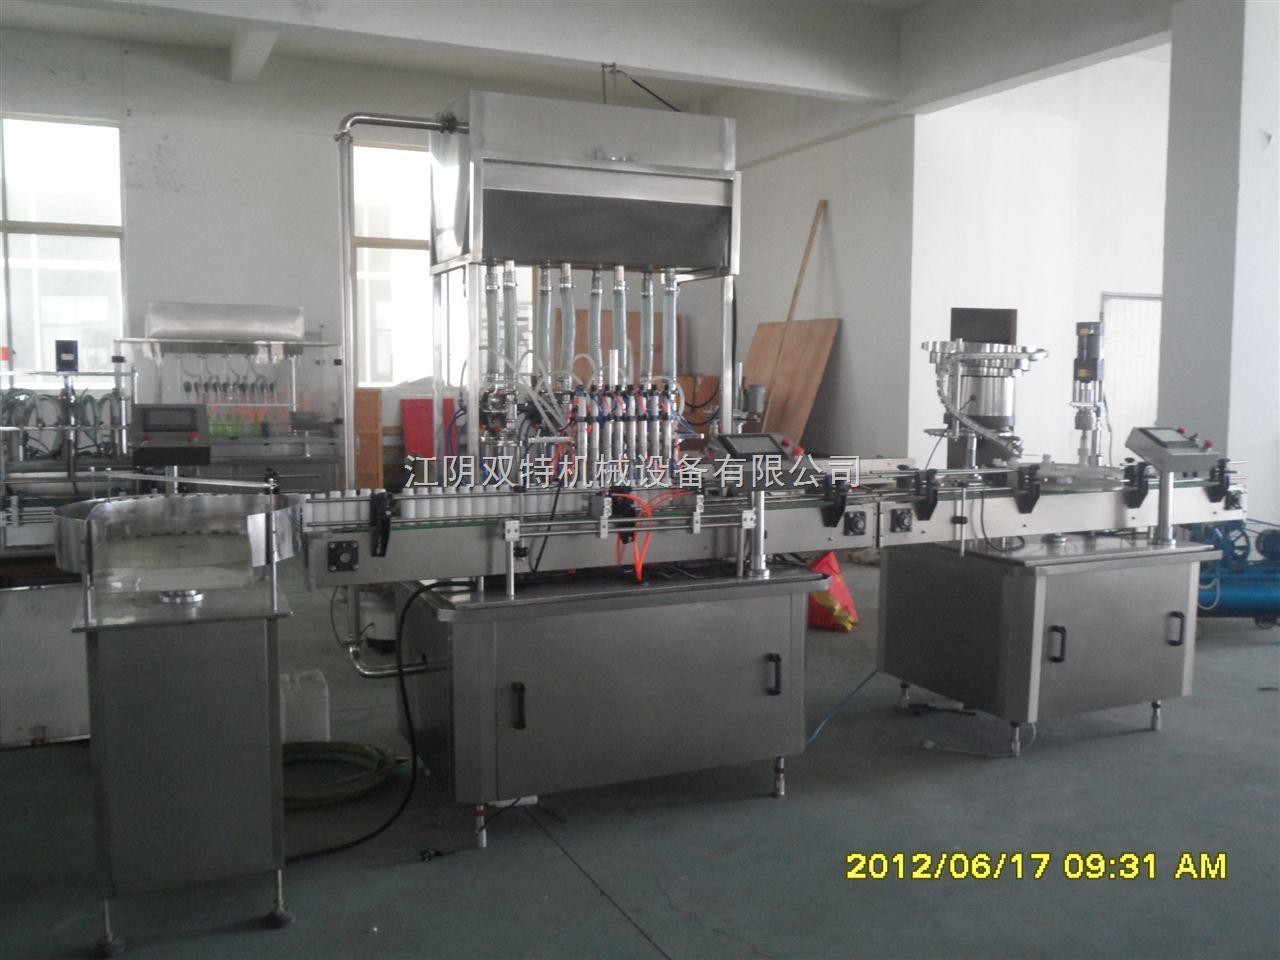 直线式灌装机是为用户对于制药、食品、化工、农药等行业的液体灌装而设计的。采用活塞式计量泵,并各自进行单独调整,因此充填量准确,结构合理,操作方便,能适用于不同材质及不同规格的瓶。计量泵物料接触部份,均采用316L不锈钢,拆卸方便,易于清洗消毒,符合GMP标准。 直线式灌装是一种间隙灌装,它由输瓶带,进瓶、挡瓶、定位机构,灌装头,活塞式计量泵组,电器部分等主要部件组成。这此机构通过机械传动系统使它们有机地结合,协调紧凑地按人为的要求动作,以完成理瓶,输瓶,定位,挡瓶,定量灌装等动作。整机由电机拖动外,输瓶带